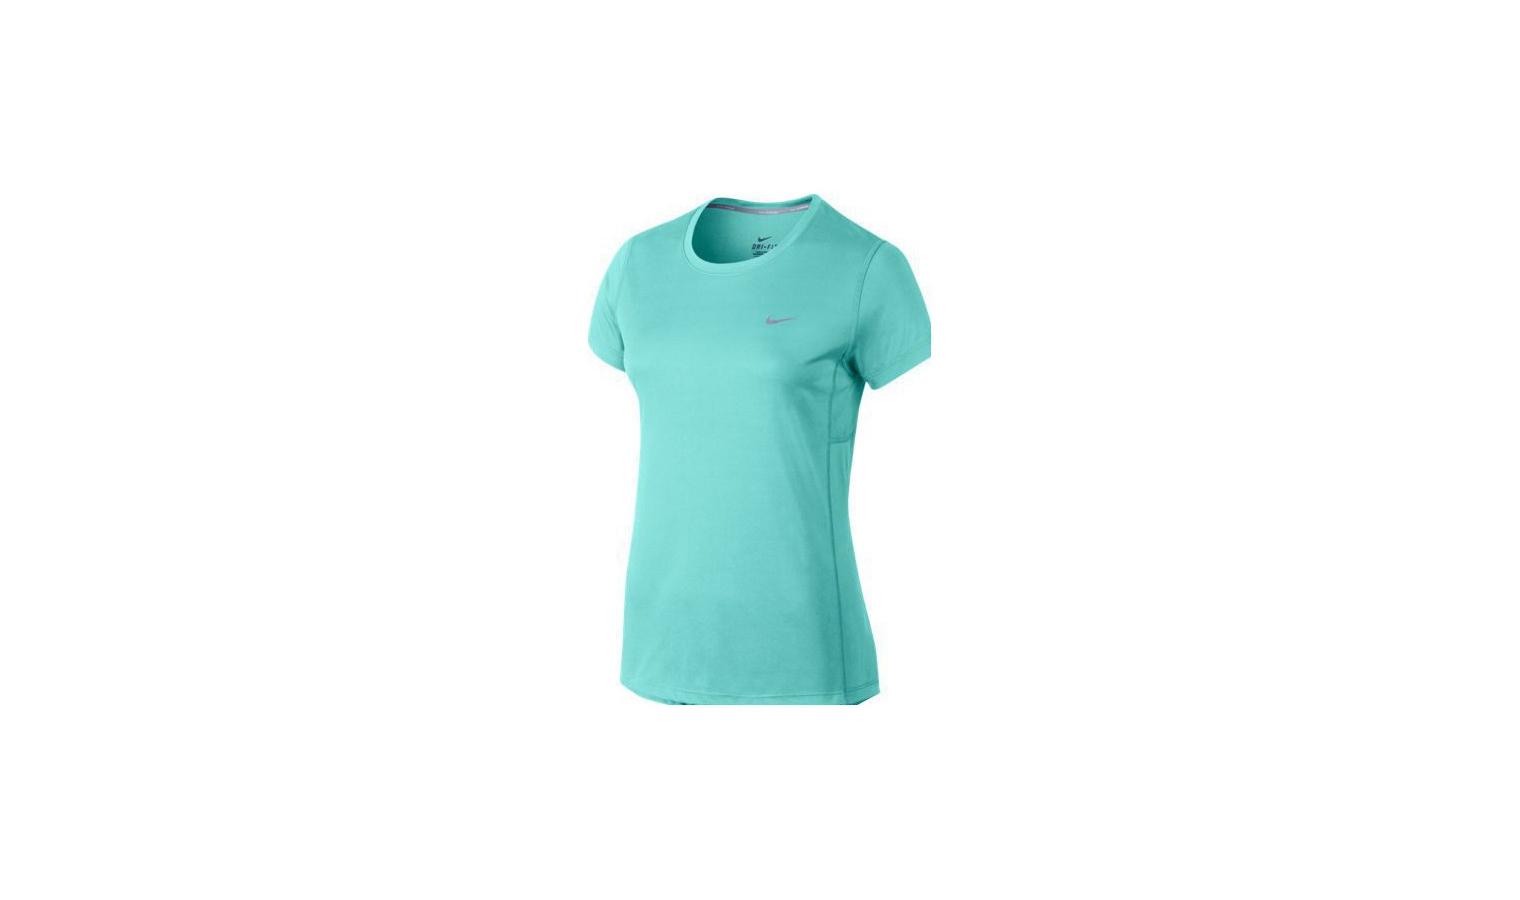 6aa5fe383f Dámské běžecké tričko Nike MILER modré